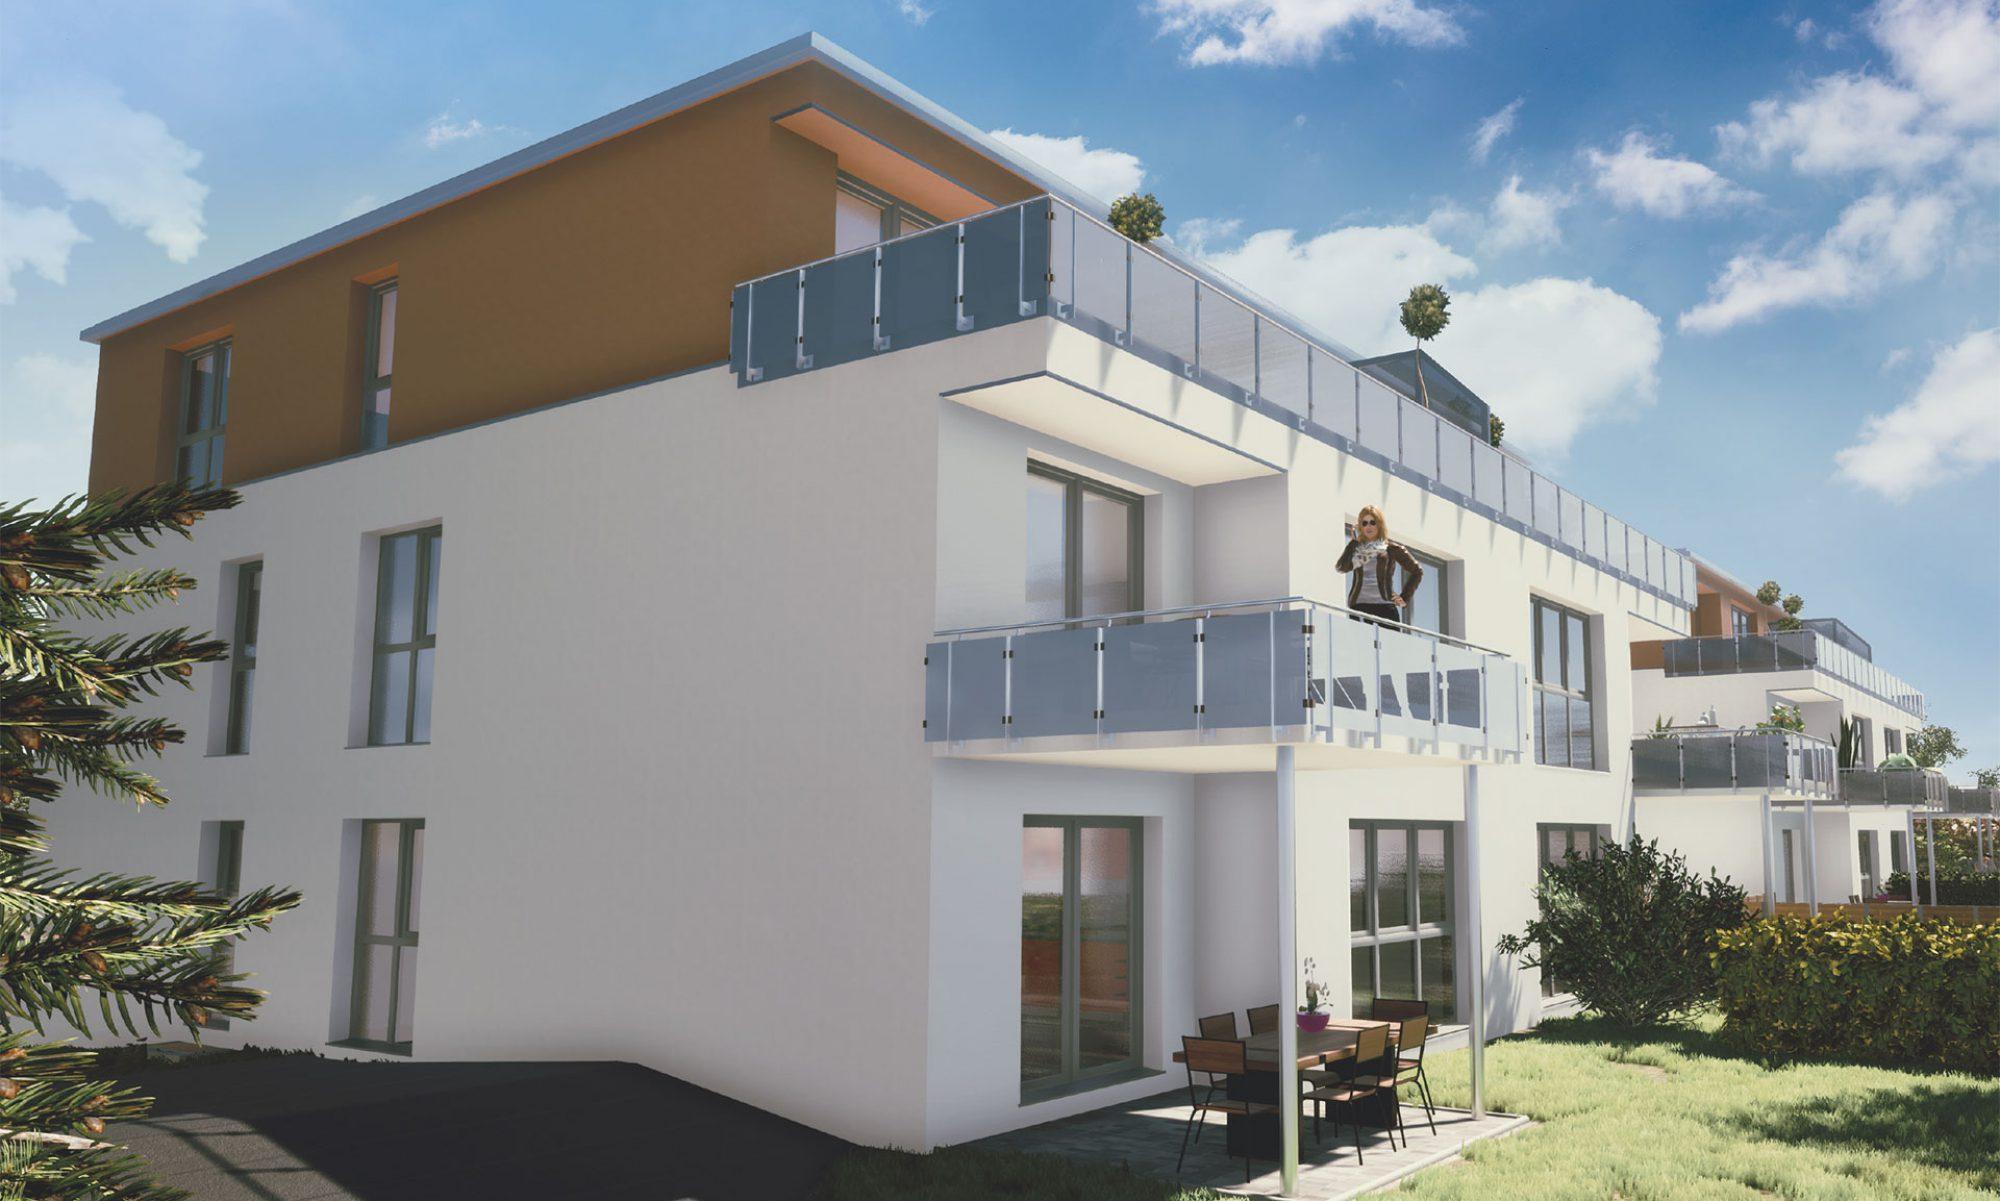 Neues Wohnen Oberasbach